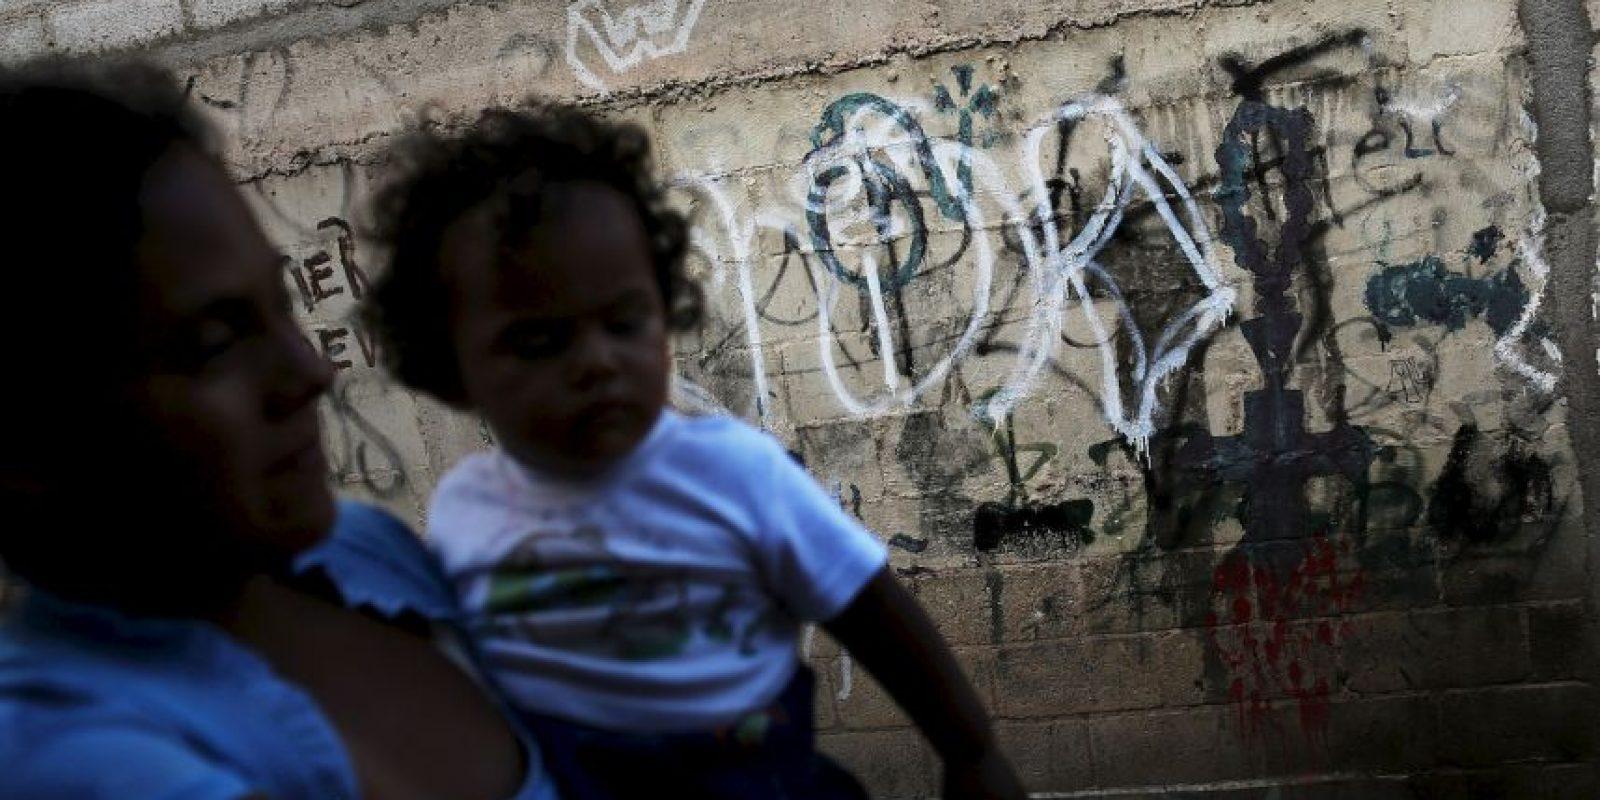 Un reducido números de los casos de violencia ejercida contra los niños y niñas termina en muerte; pero lo más frecuente es que ni siquiera deje huellas visibles. Foto:Getty Images